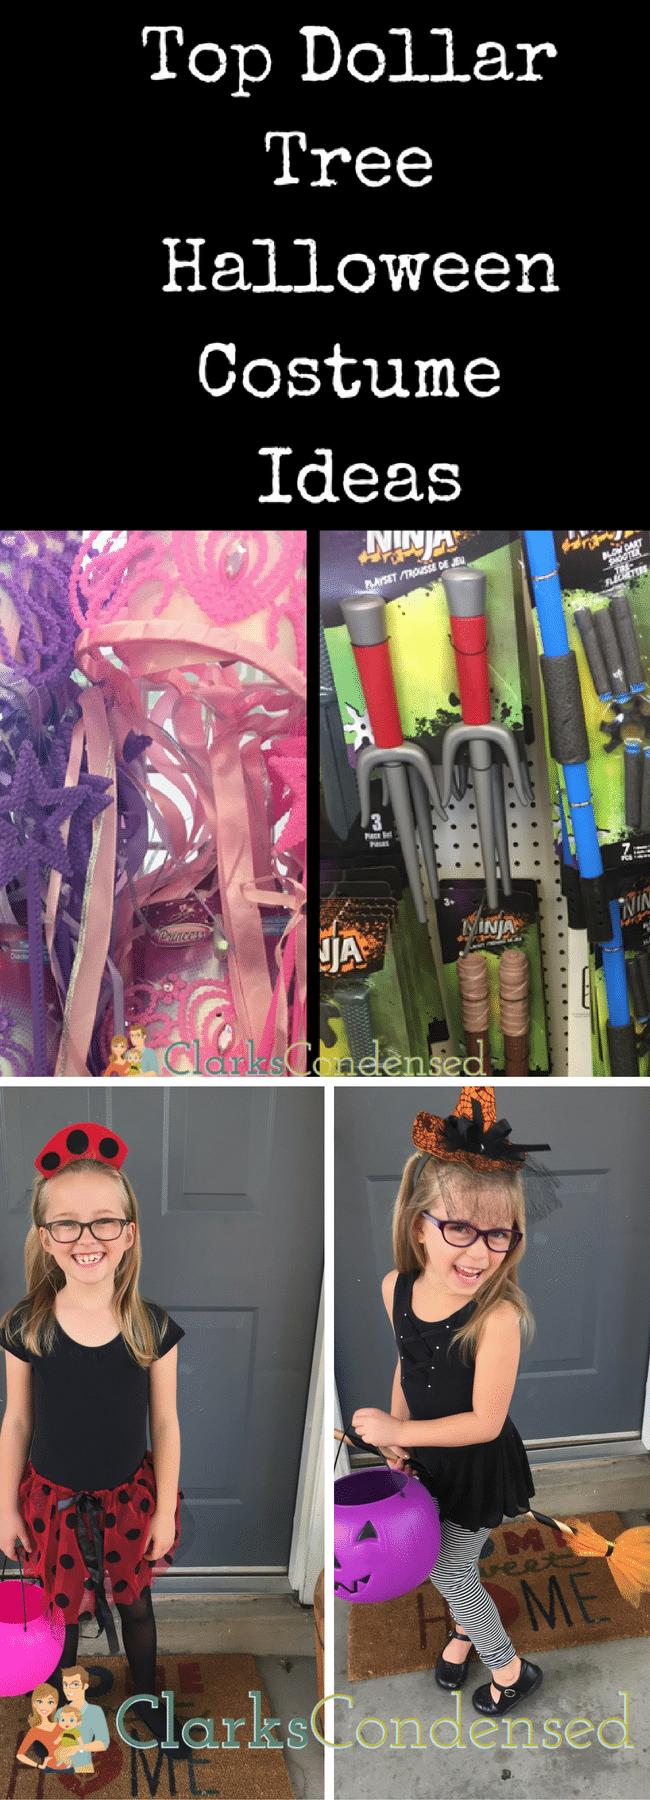 Dollar Tree Halloween Costumes / DIY Halloween Costume Ideas / Easy Halloween Costume Ideas / Halloween / #Halloween #costumeideas #costumesforkids